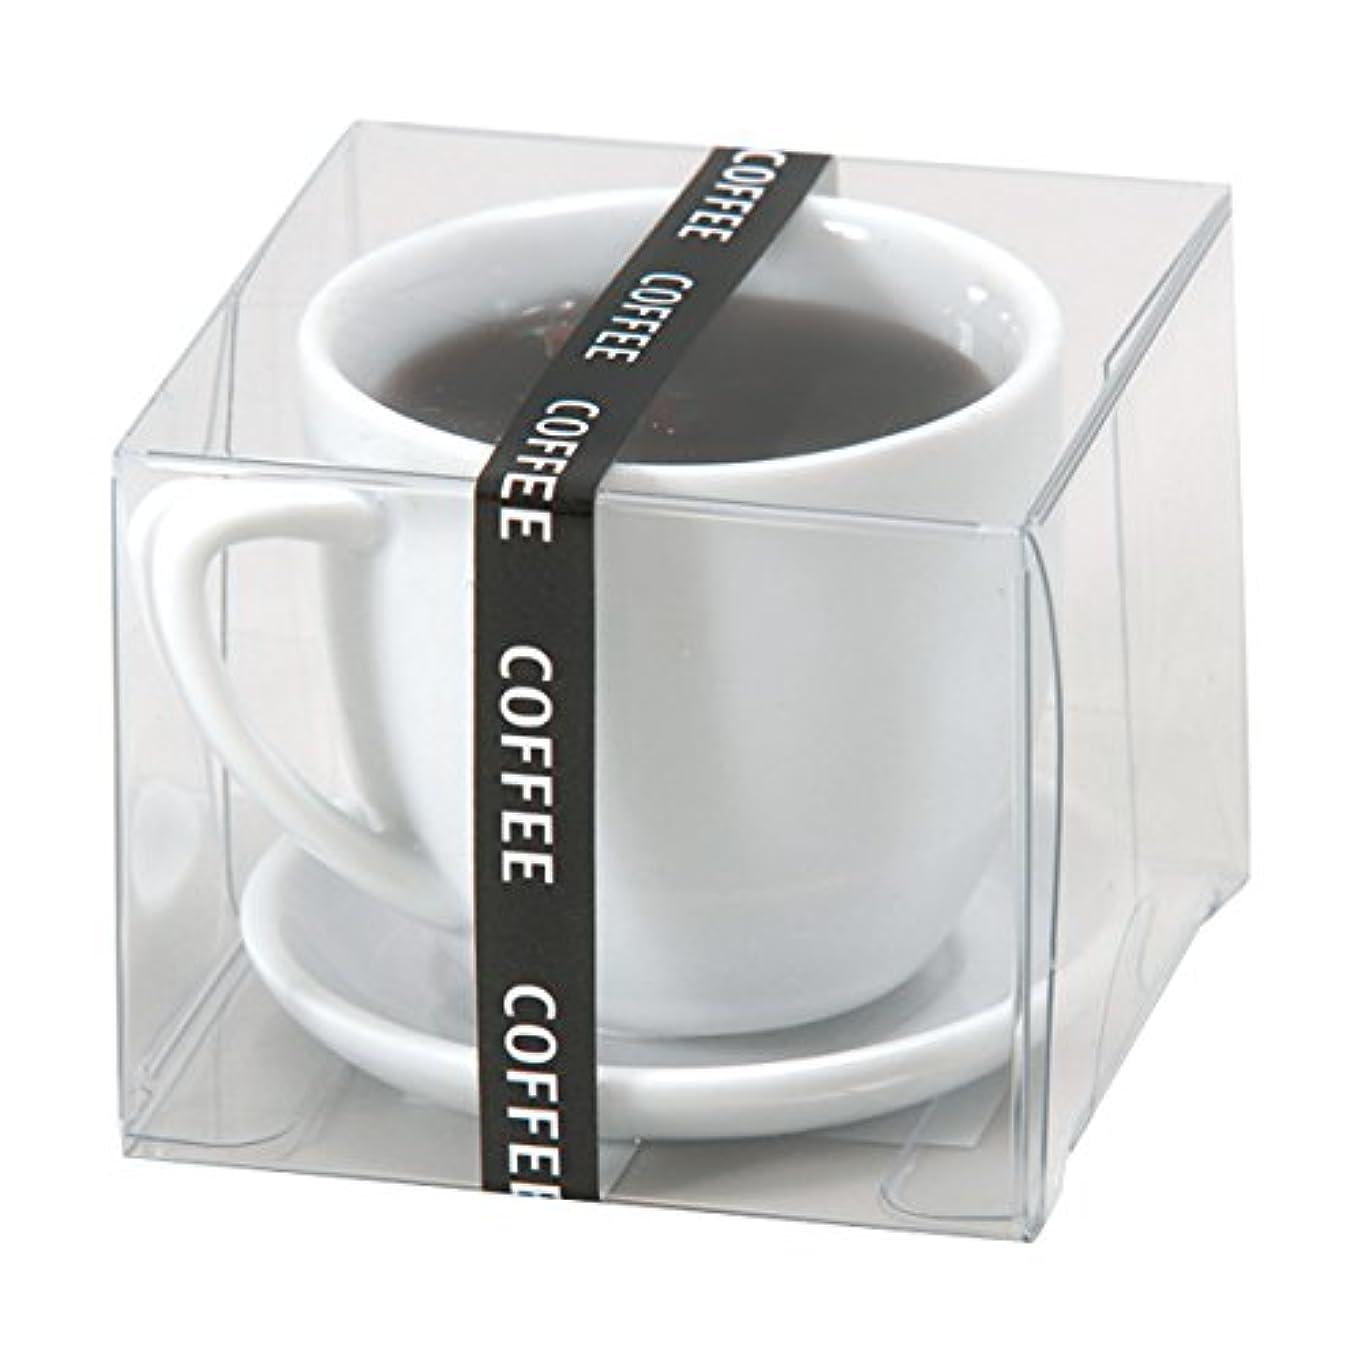 リゾート法律反射ホットコーヒー ローソク